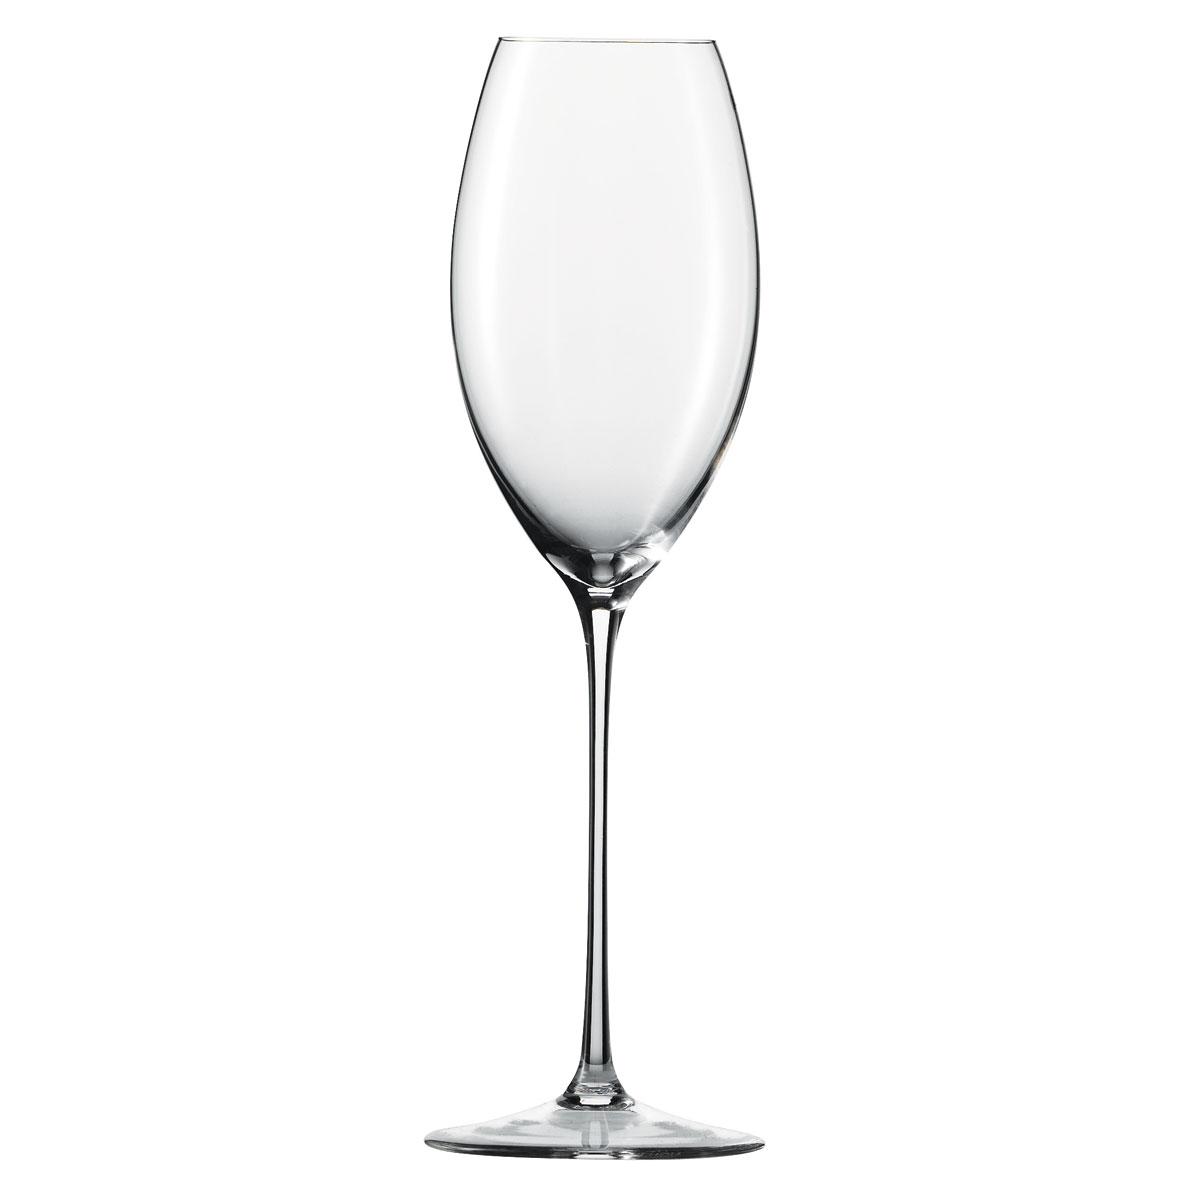 Schott Zwiesel Tritan Crystal, 1872 Enoteca Champagne. Single